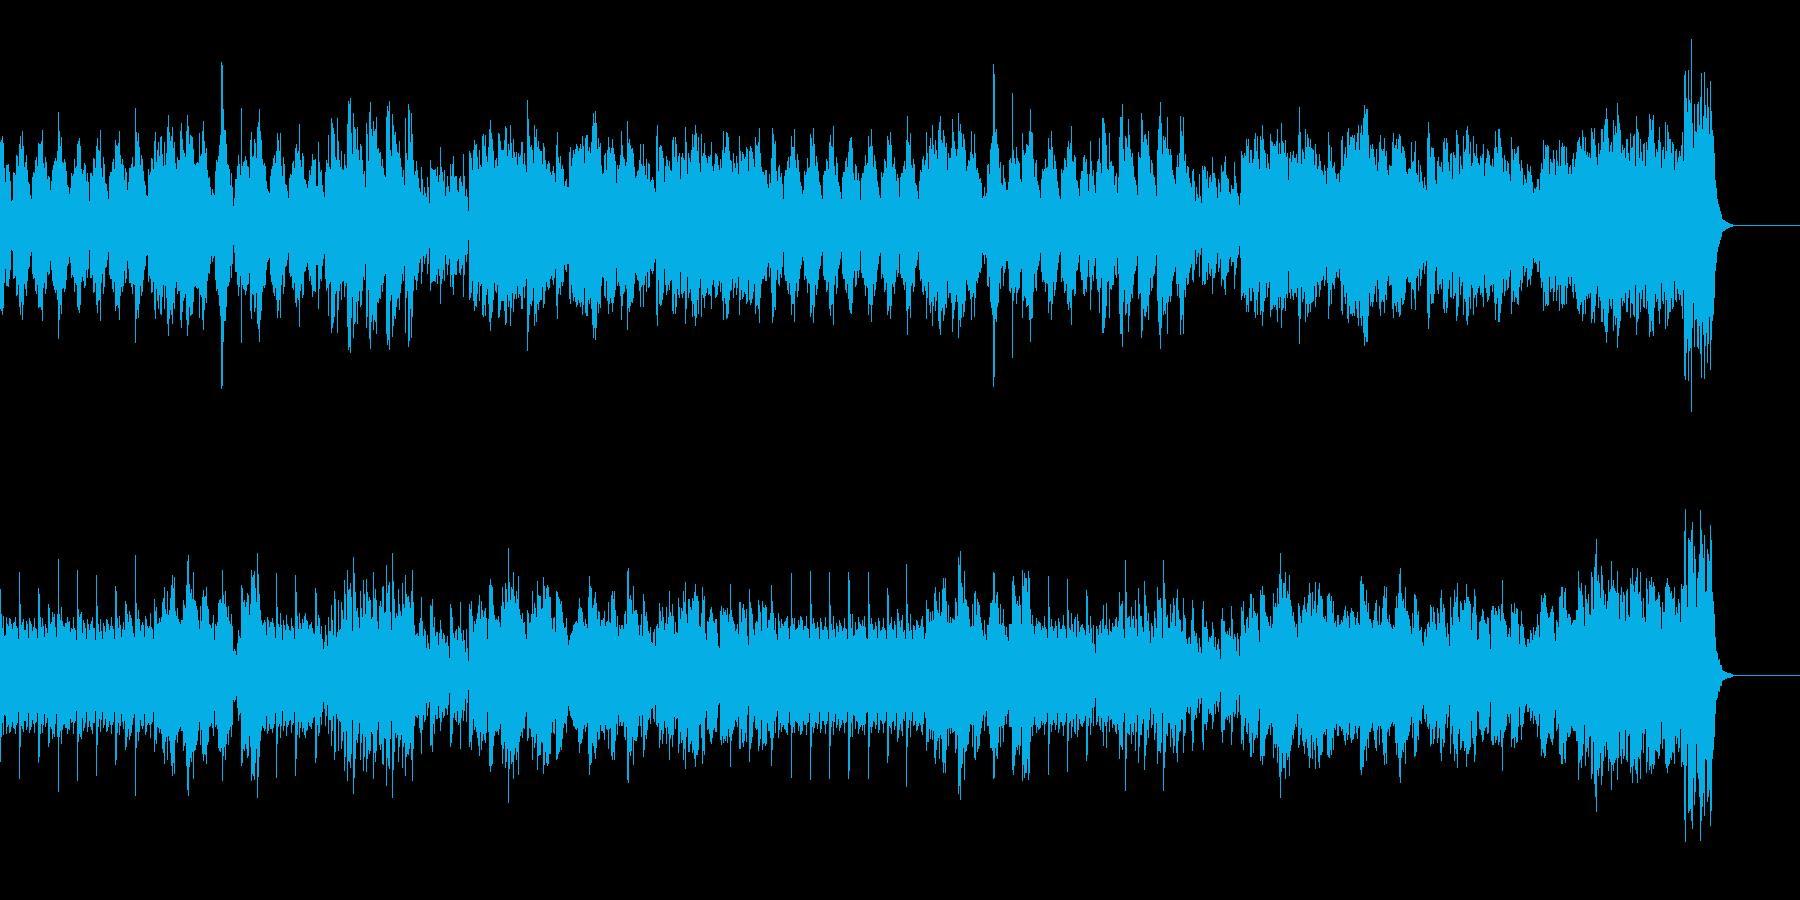 爽やかなピアノBGMの再生済みの波形